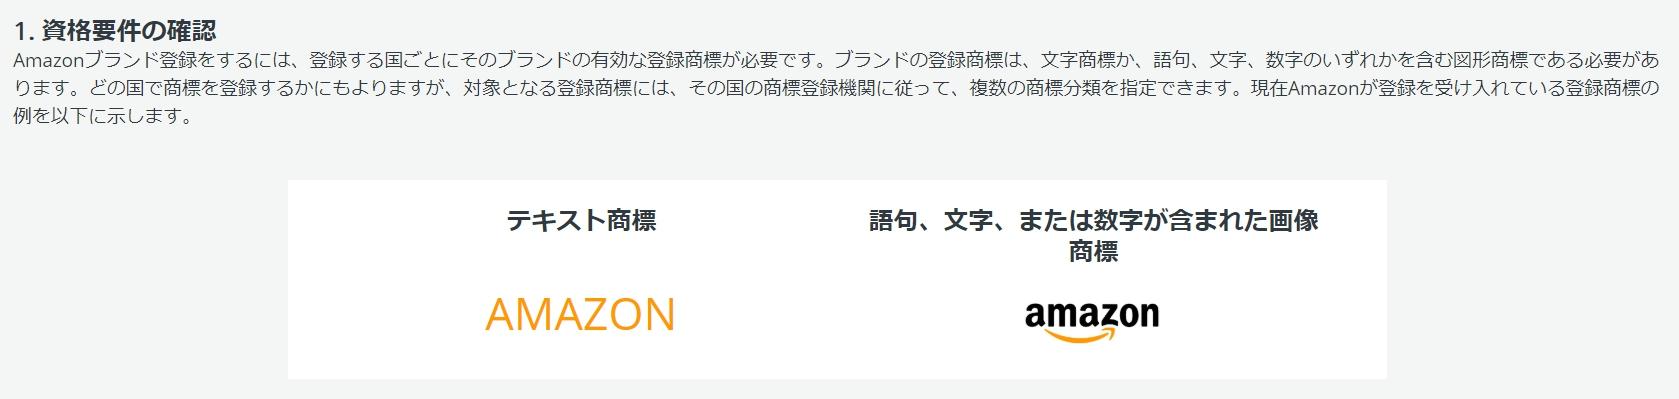 Amazonブランド登録